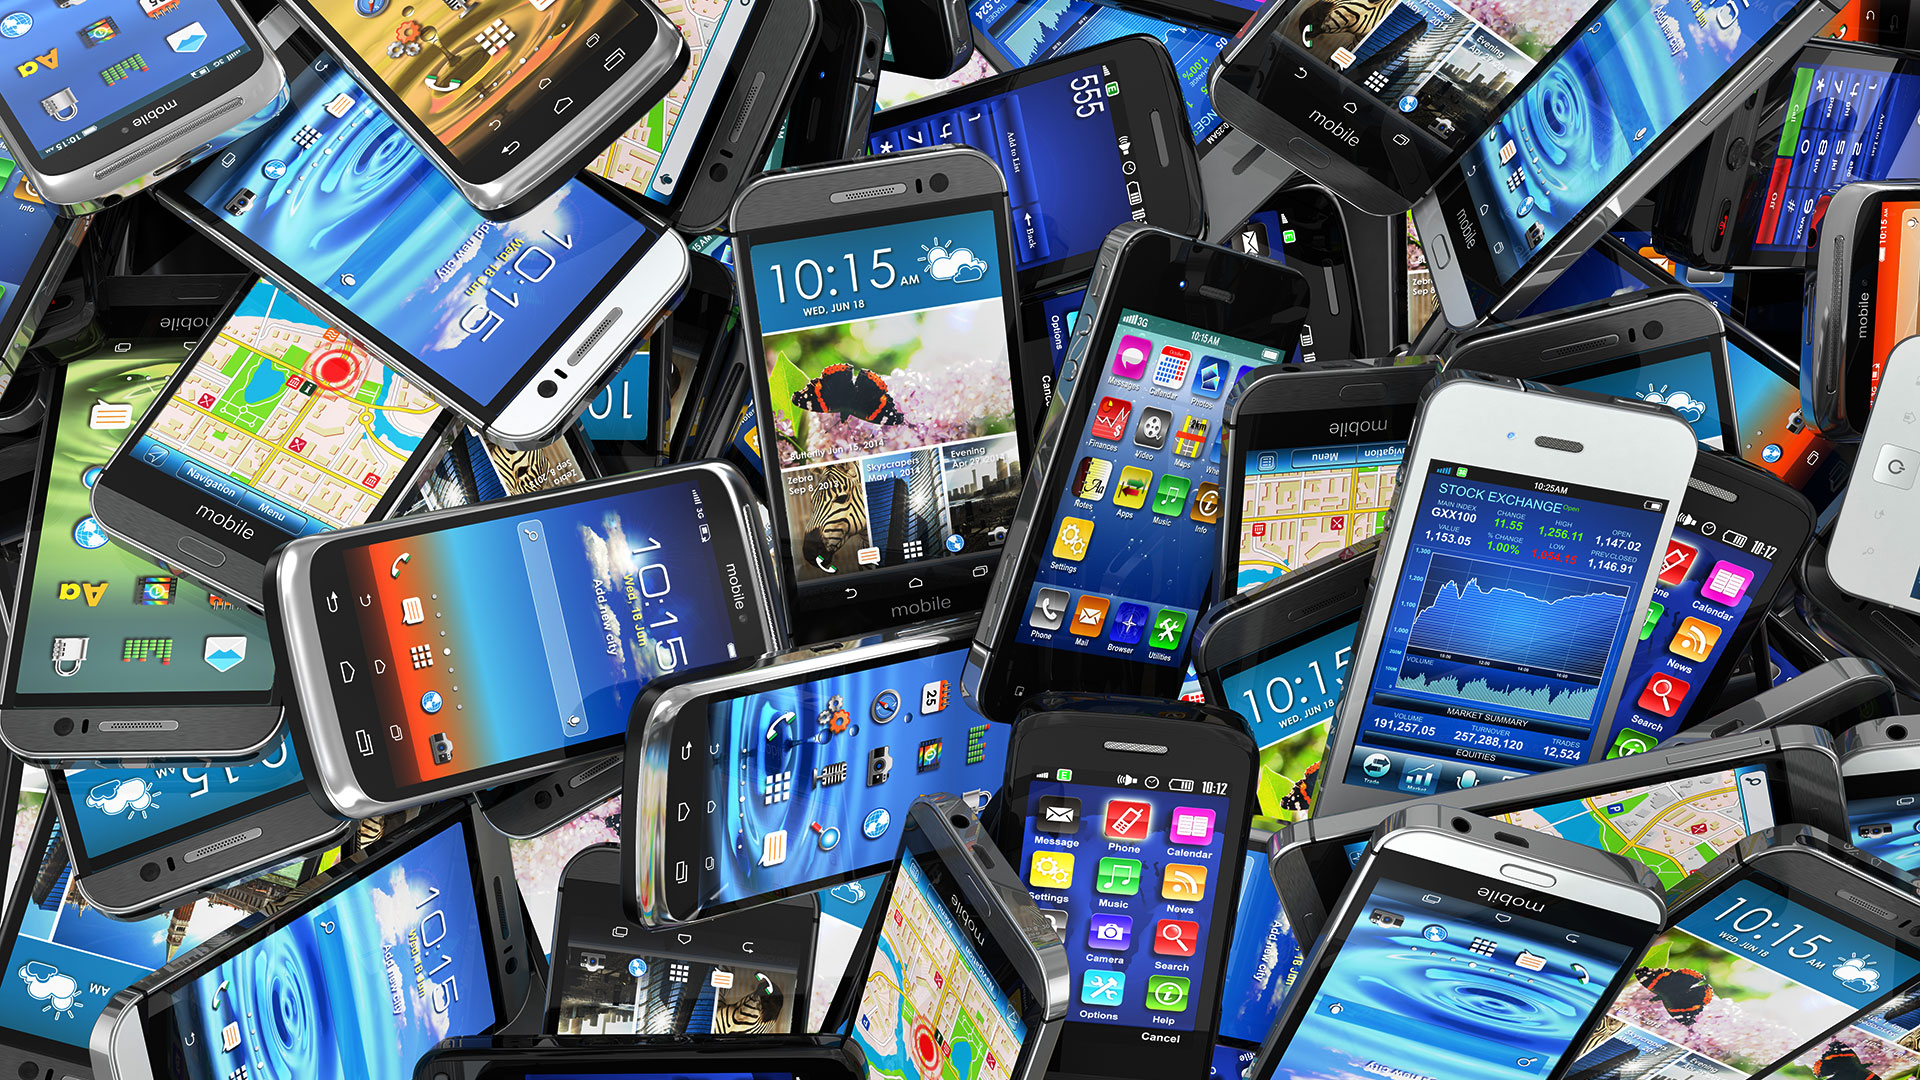 Oferta eMAG la telefoane mobile Black Friday 2016. Prețuri promoționale la smartphone-uri oferite de eMAG. Cele mai bune oferte, promoții și reduceri